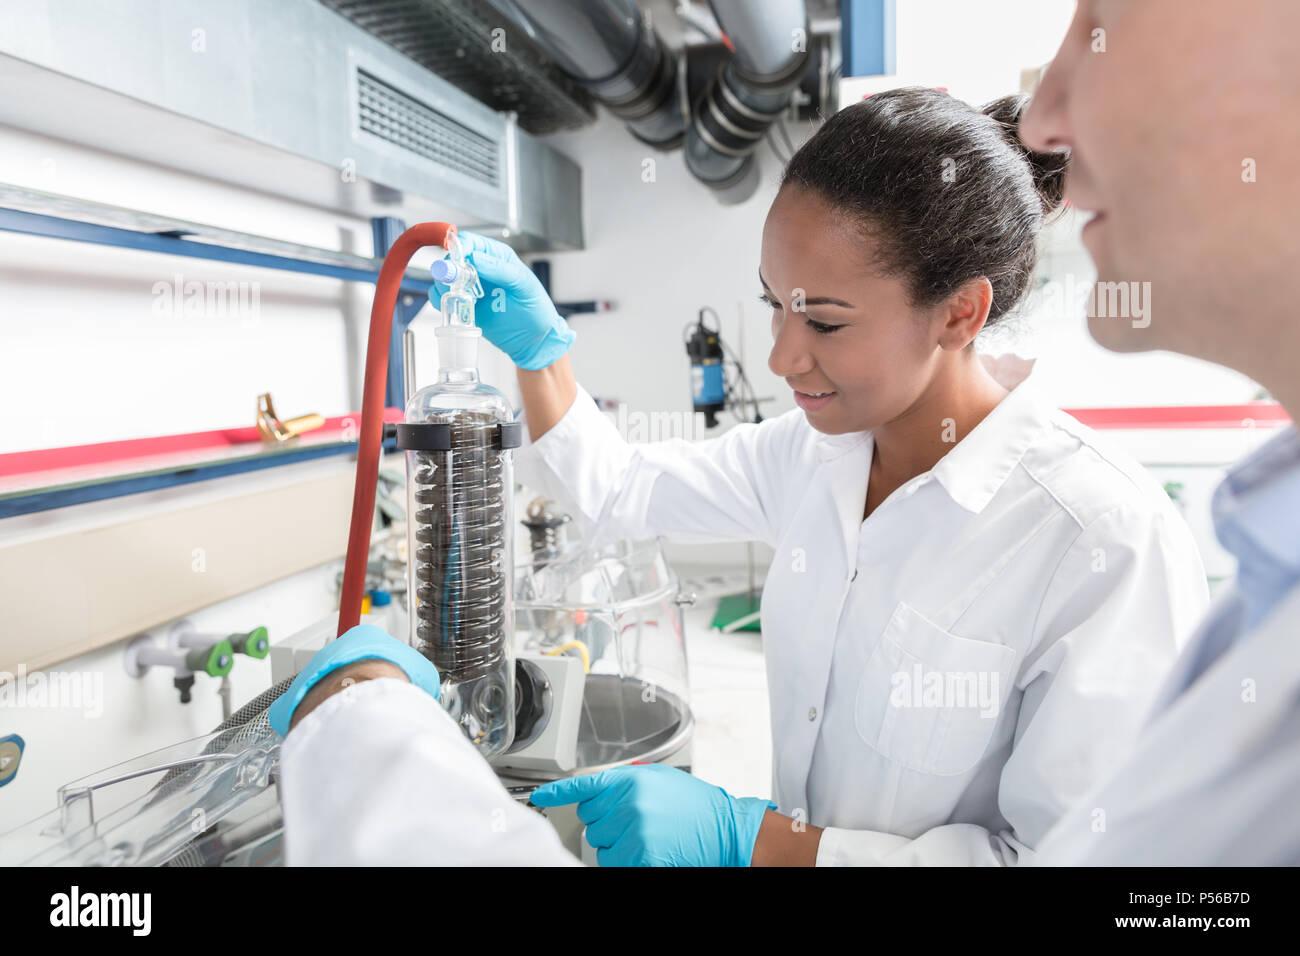 Forscher Vorbereitung Test im wissenschaftlichen Labor Stockbild